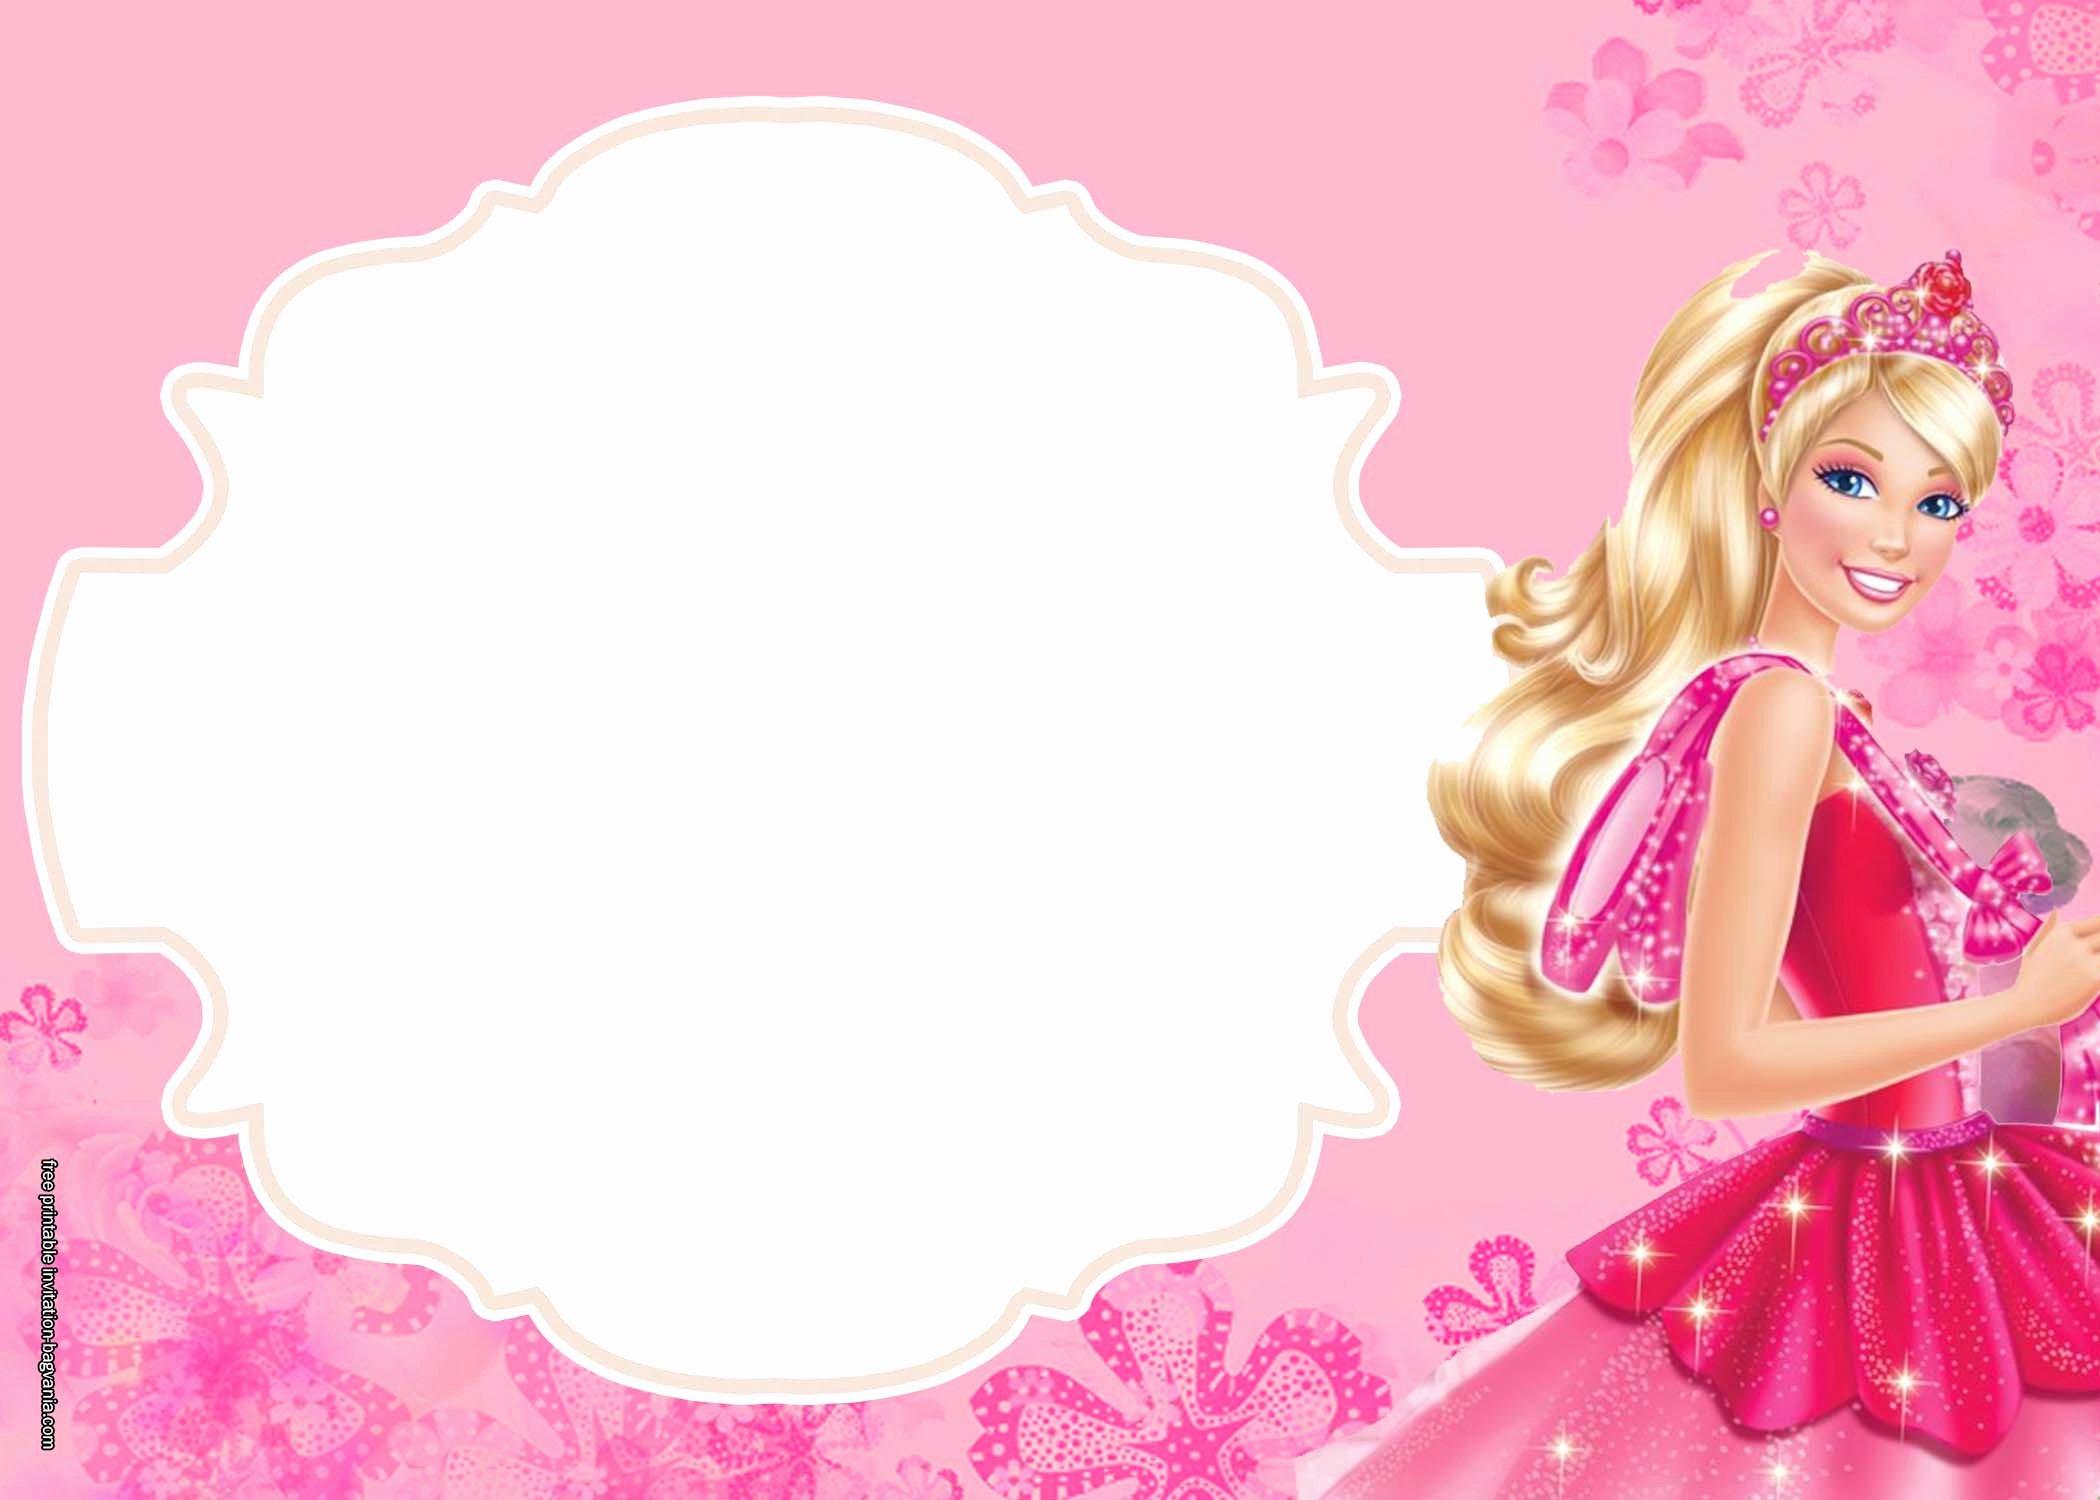 Free Printable Barbie Invitations Beautiful Free Printable Barbie Invitation Templates – Free